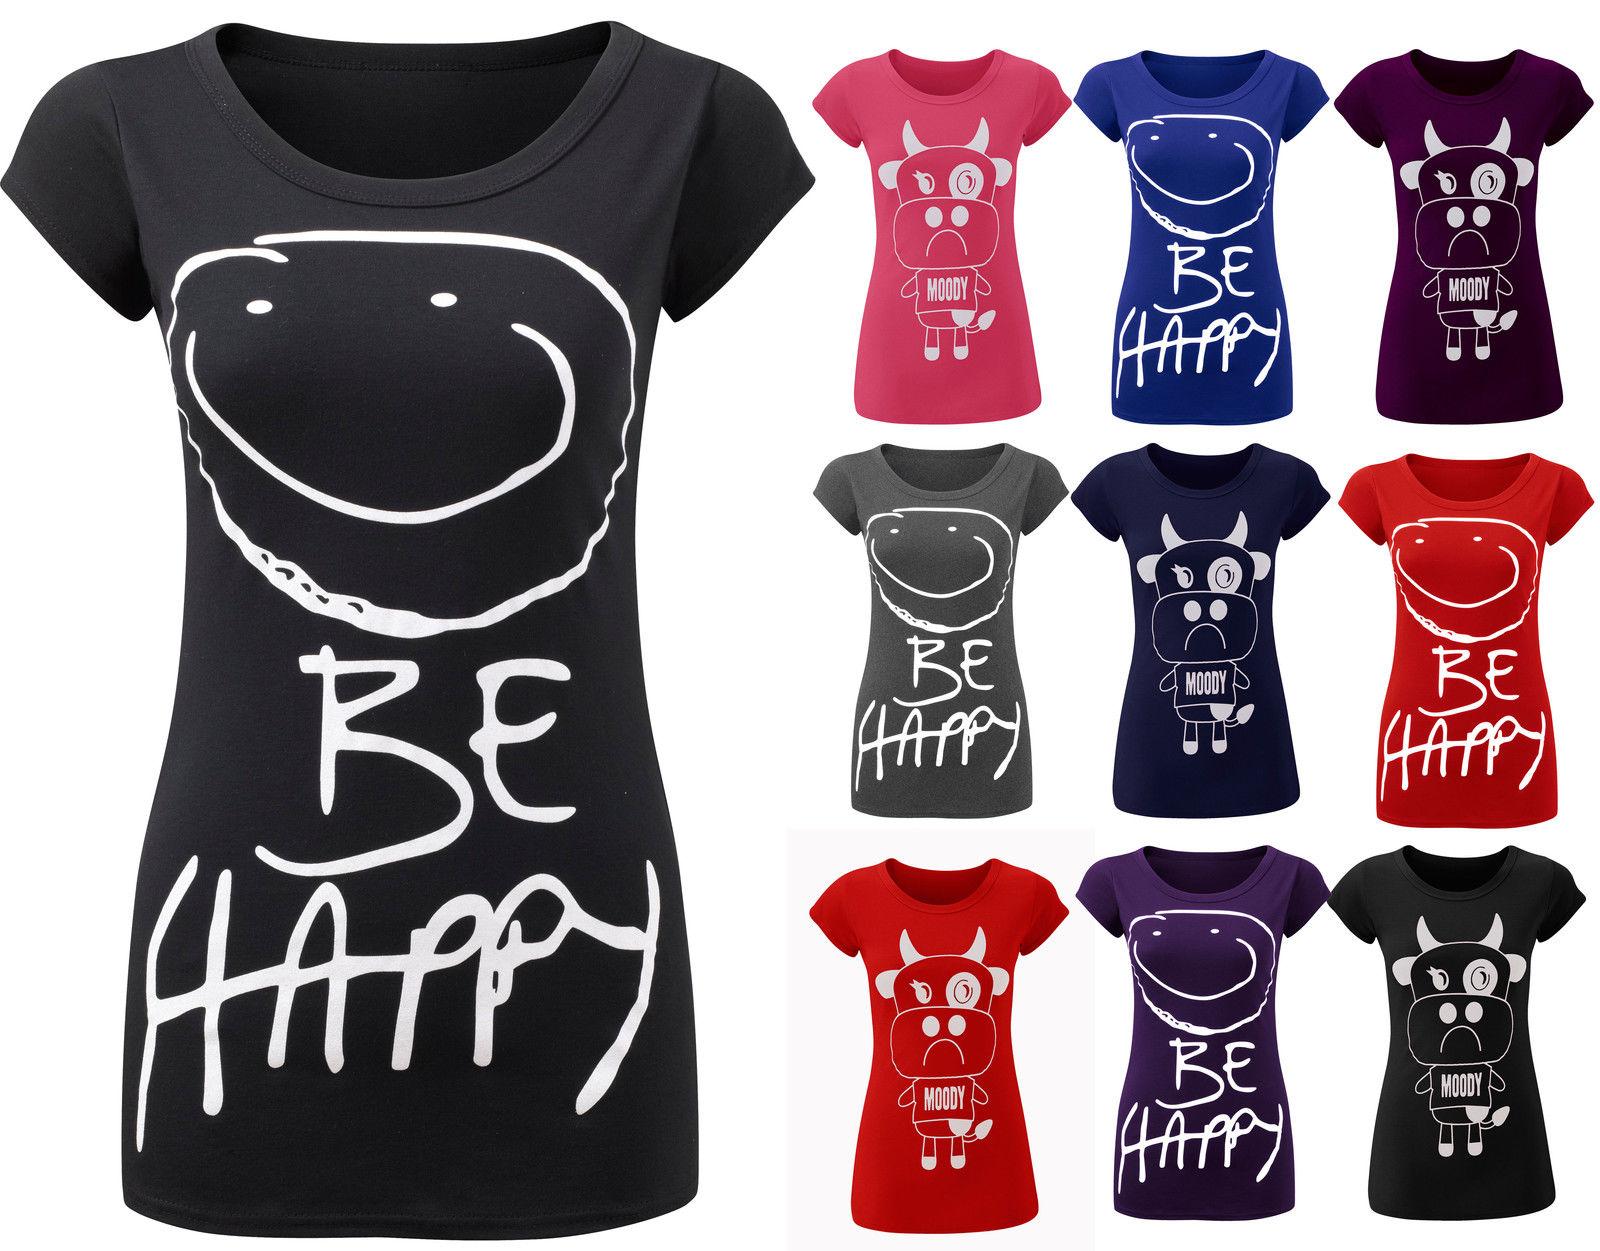 Ladies Be Happy Cap Sleeve T Shirt Womens Printed Slogan Tee Top Plus Sizes 8-16